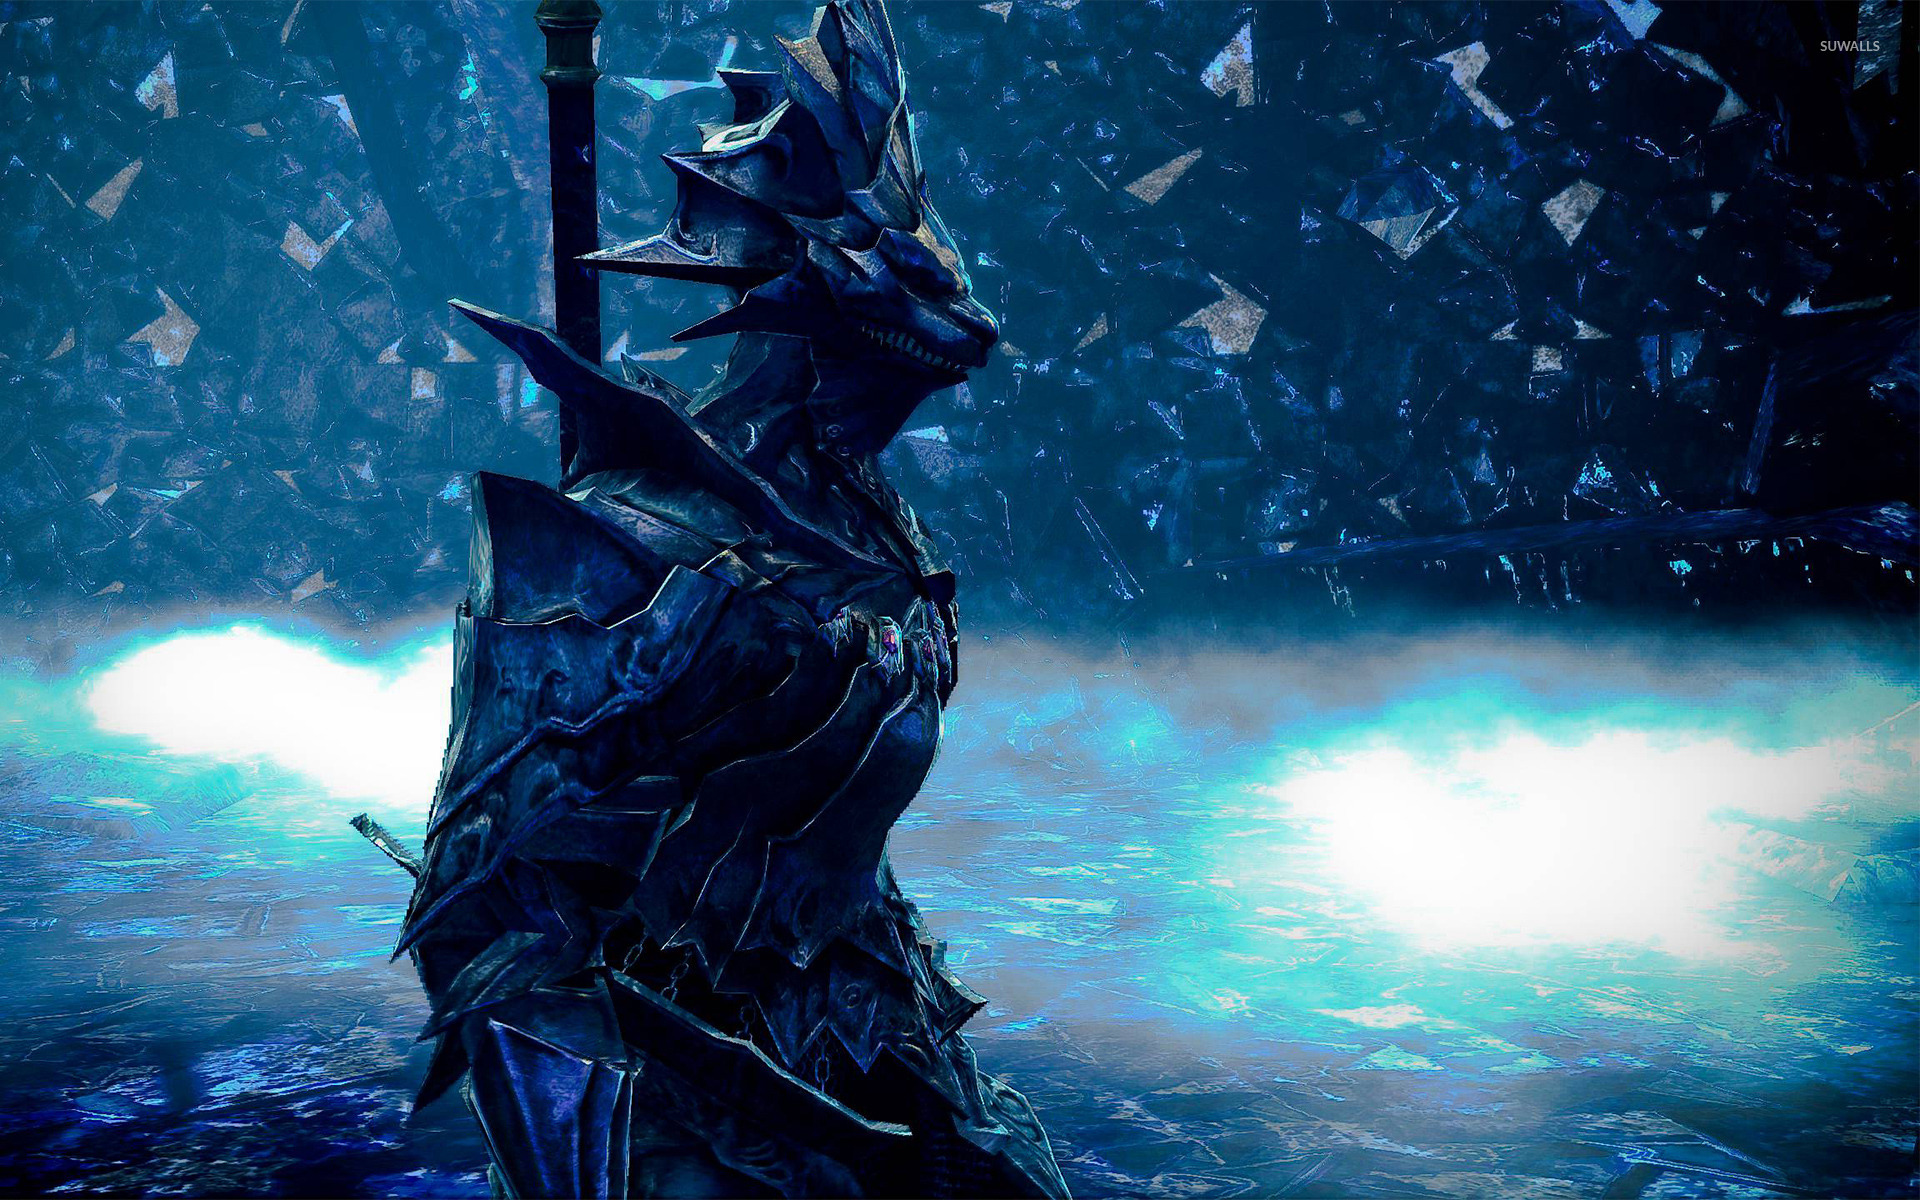 Dragon slayer ornstein dark souls wallpaper game wallpapers dragon slayer ornstein dark souls wallpaper voltagebd Image collections